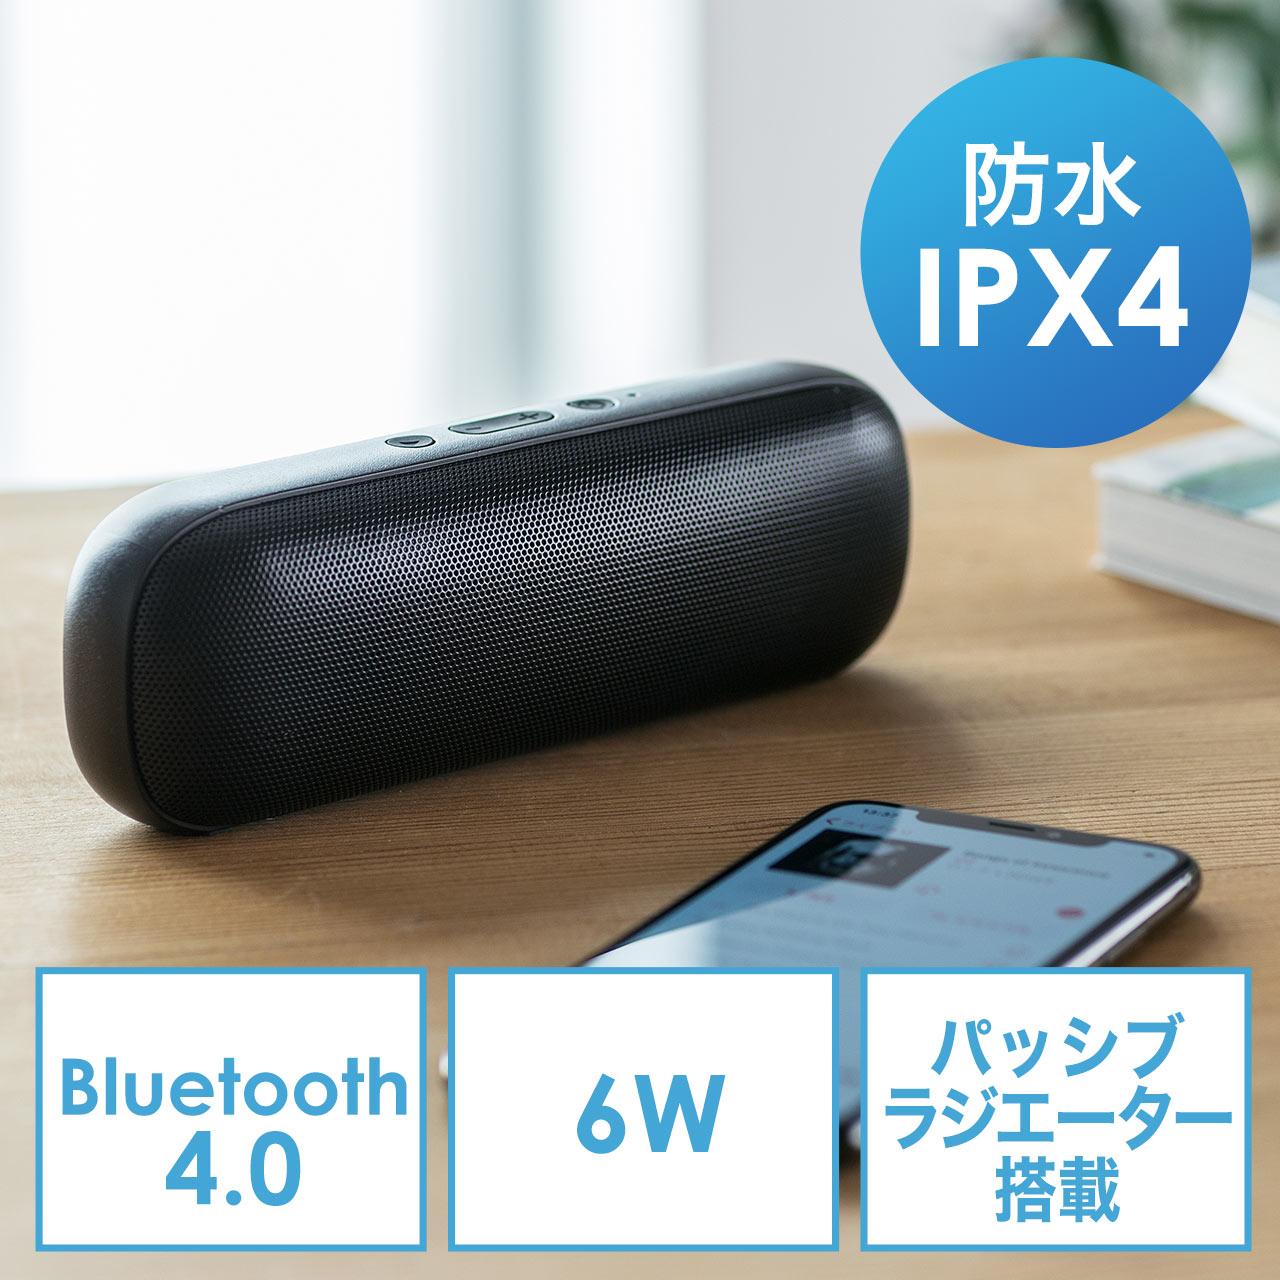 日本SANWA蓝牙音箱防水Bluetooth4.0迷你音响便携手机电脑低音炮